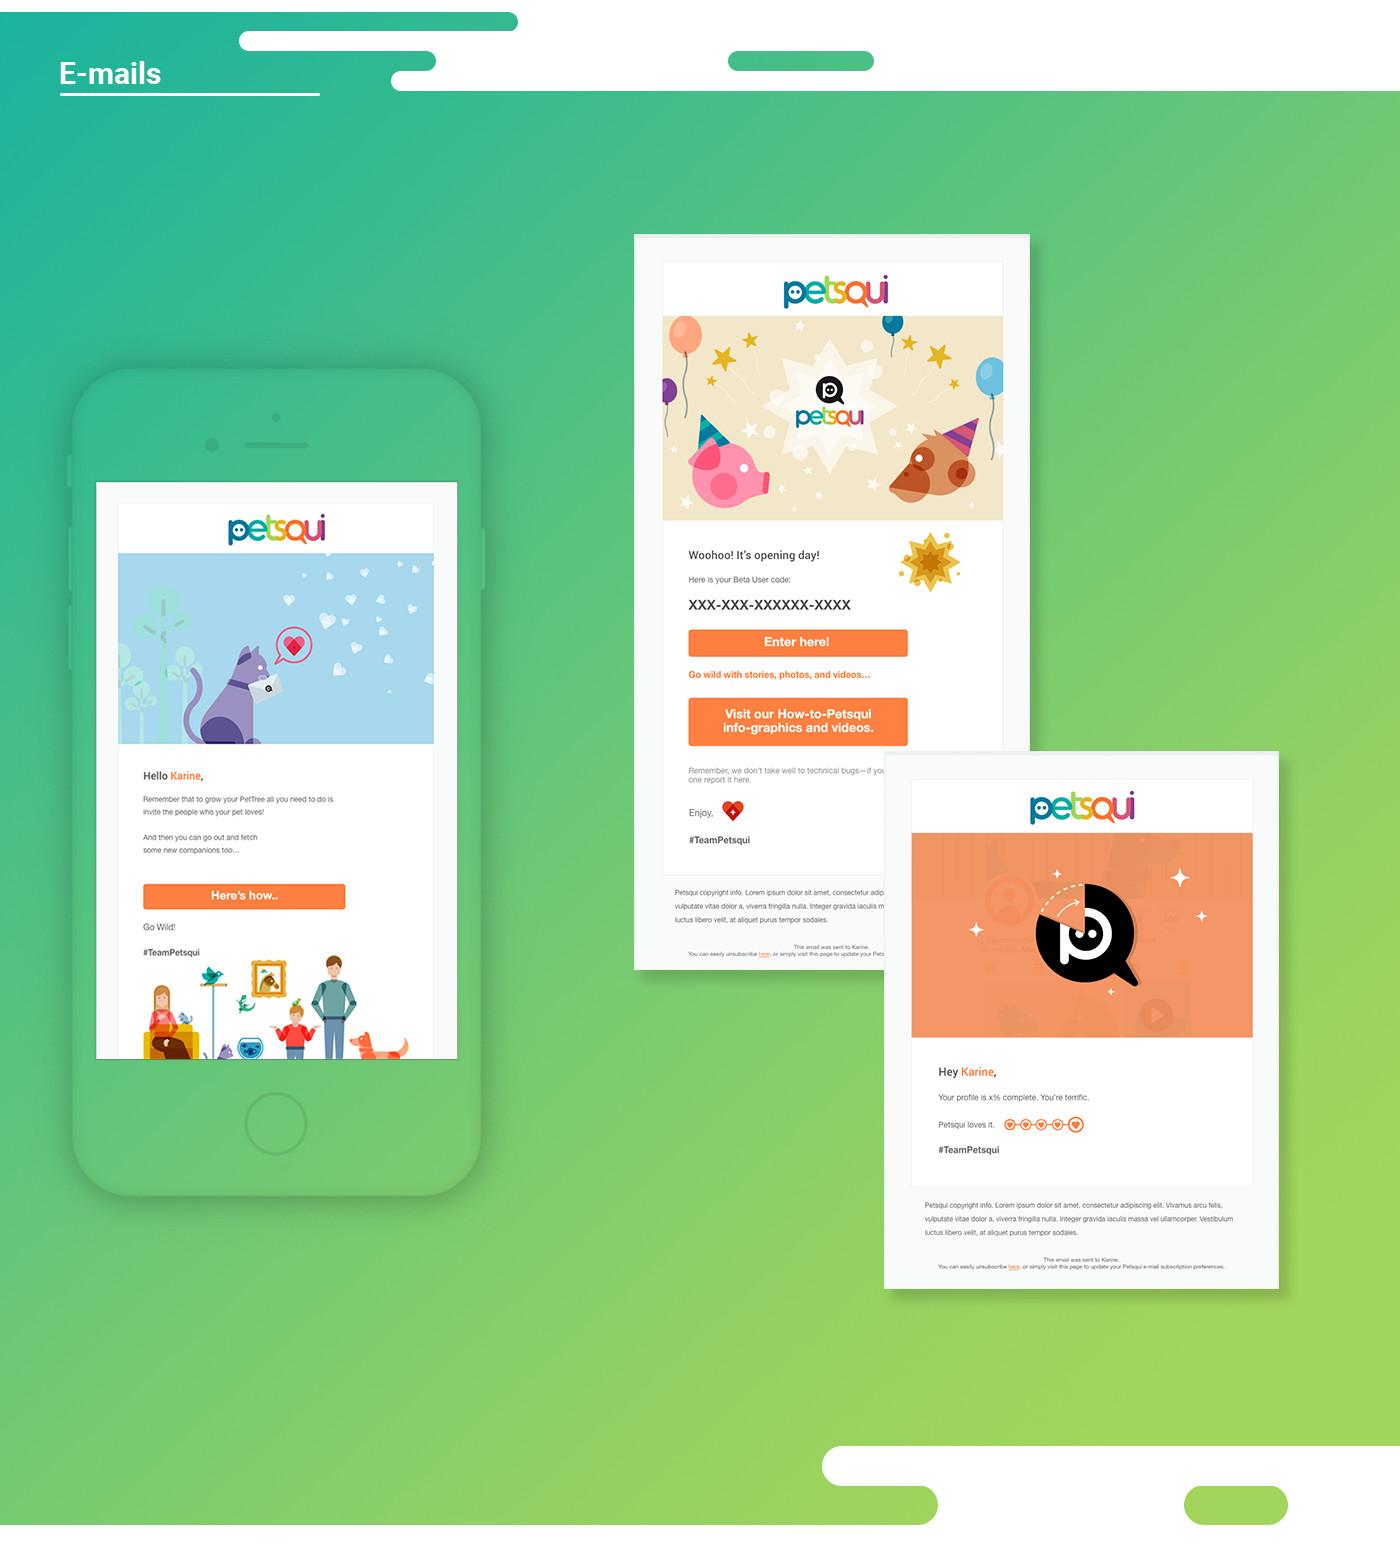 emails design for petsqui